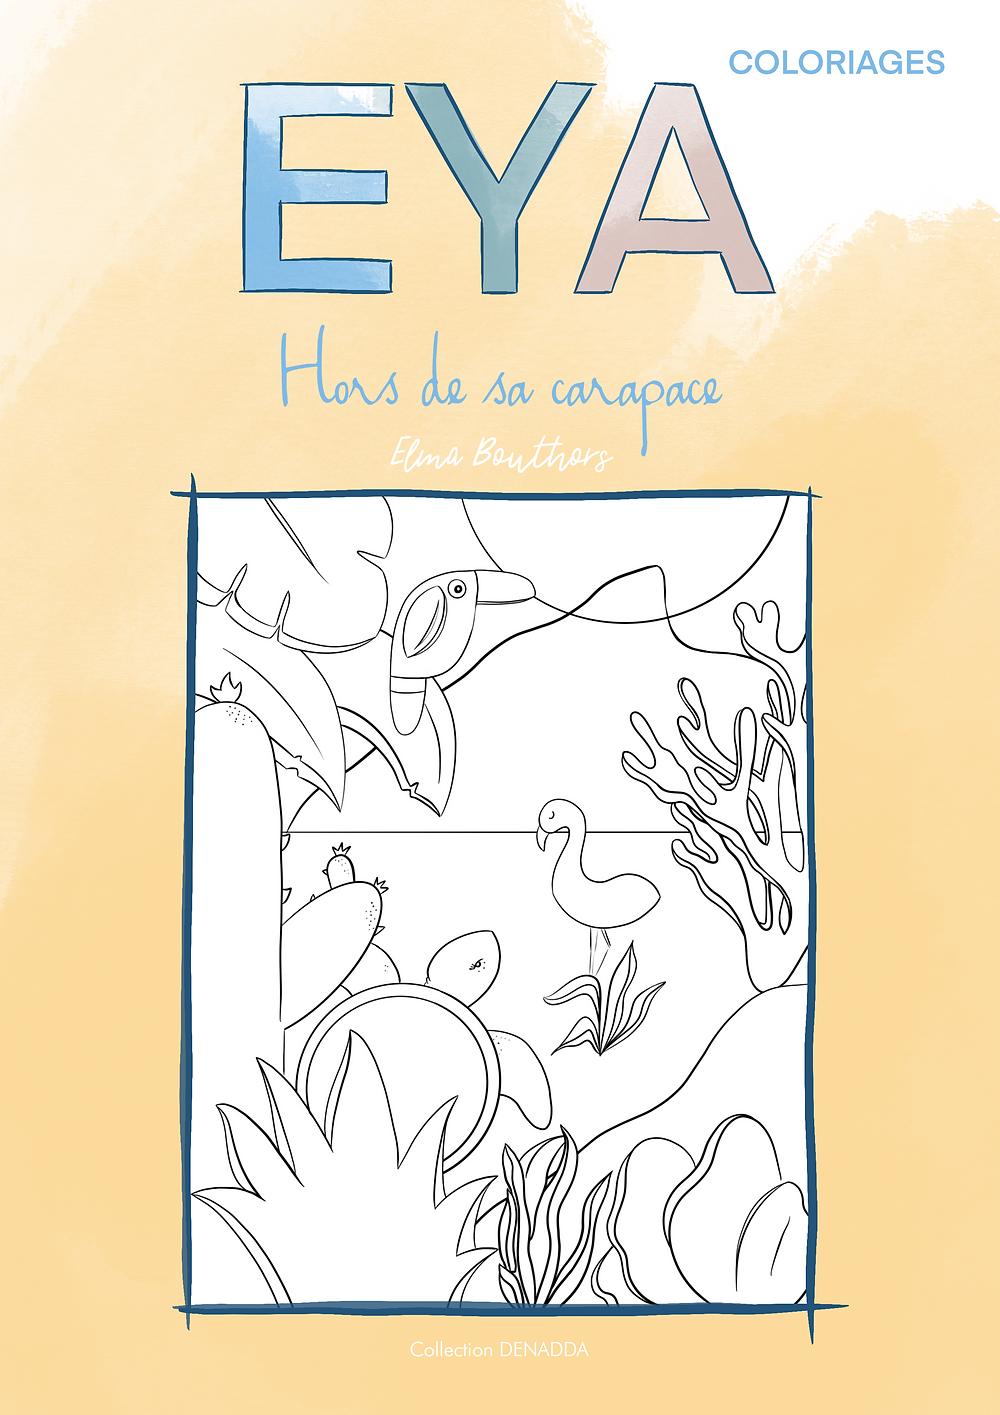 eya hors de sa carapace, livret de coloriages sur une tortue de mer amie avec francis huster, illustration elma bouthors, collection denadda